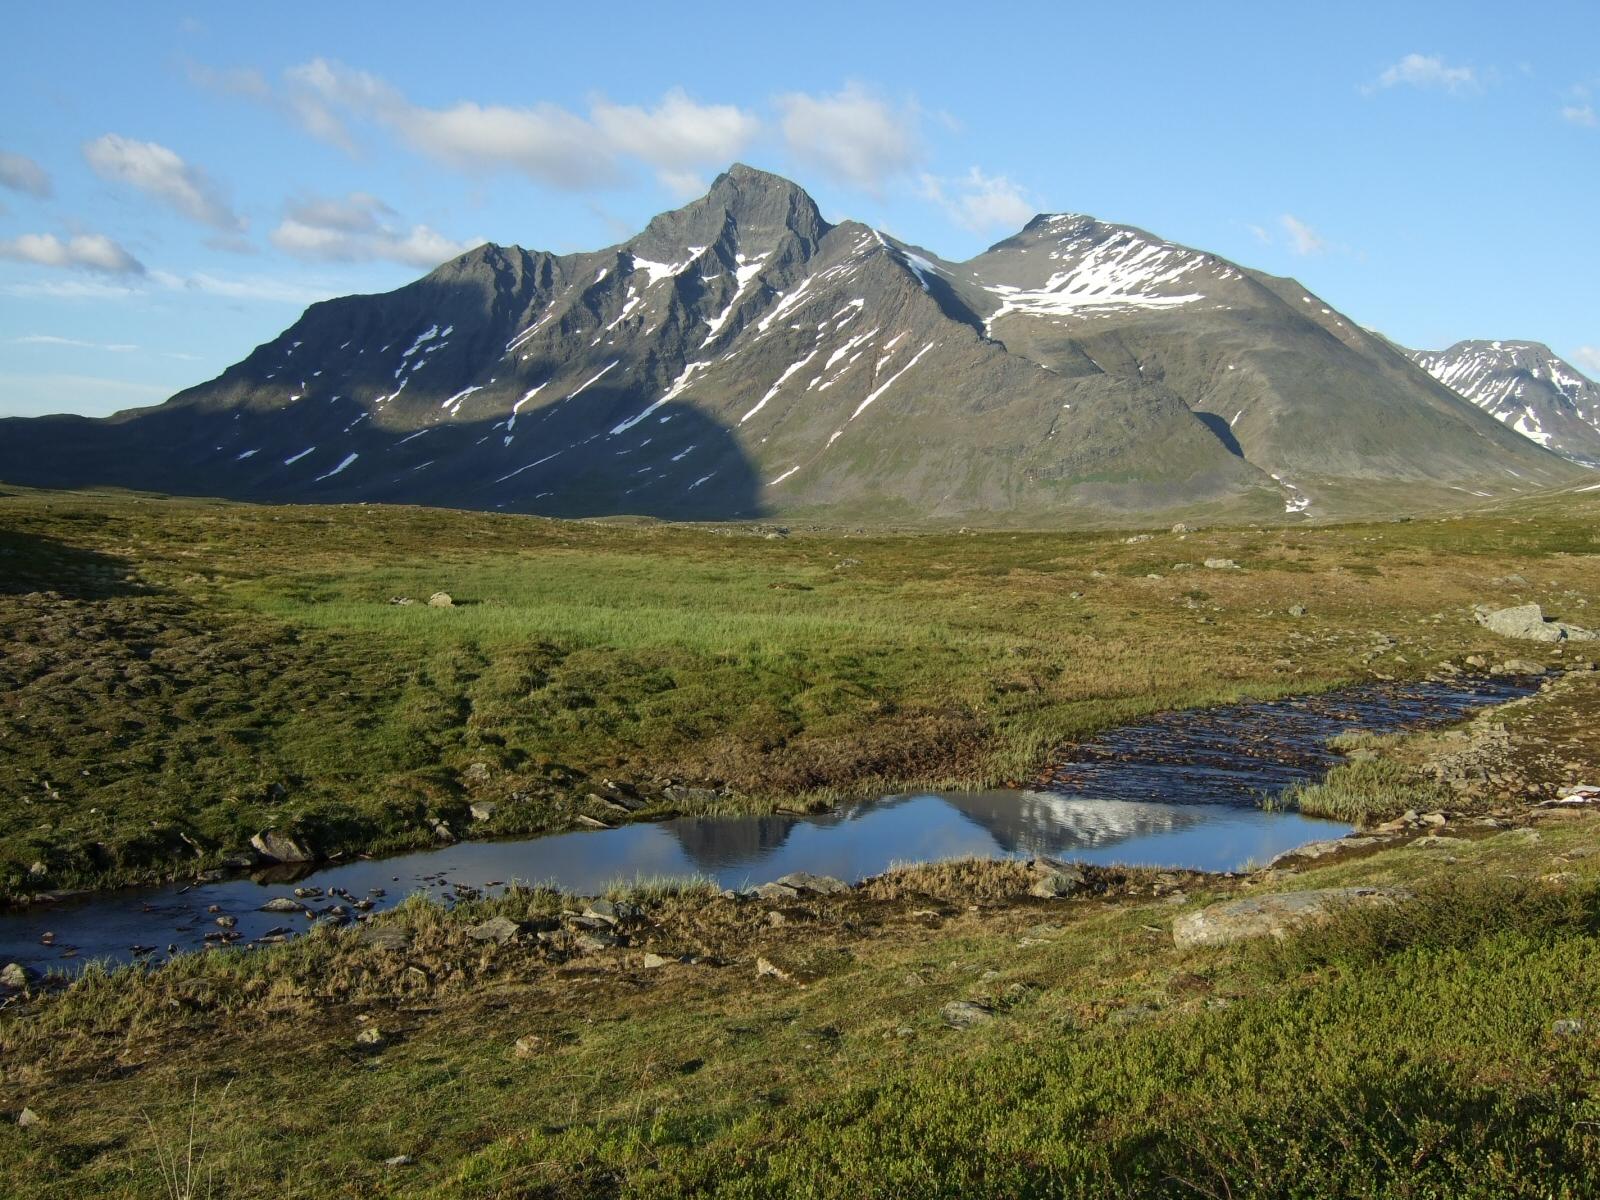 El monte Pierikpakte en el Parque Nacional de Sarek, Suecia (FOTO: wikimedia.org)